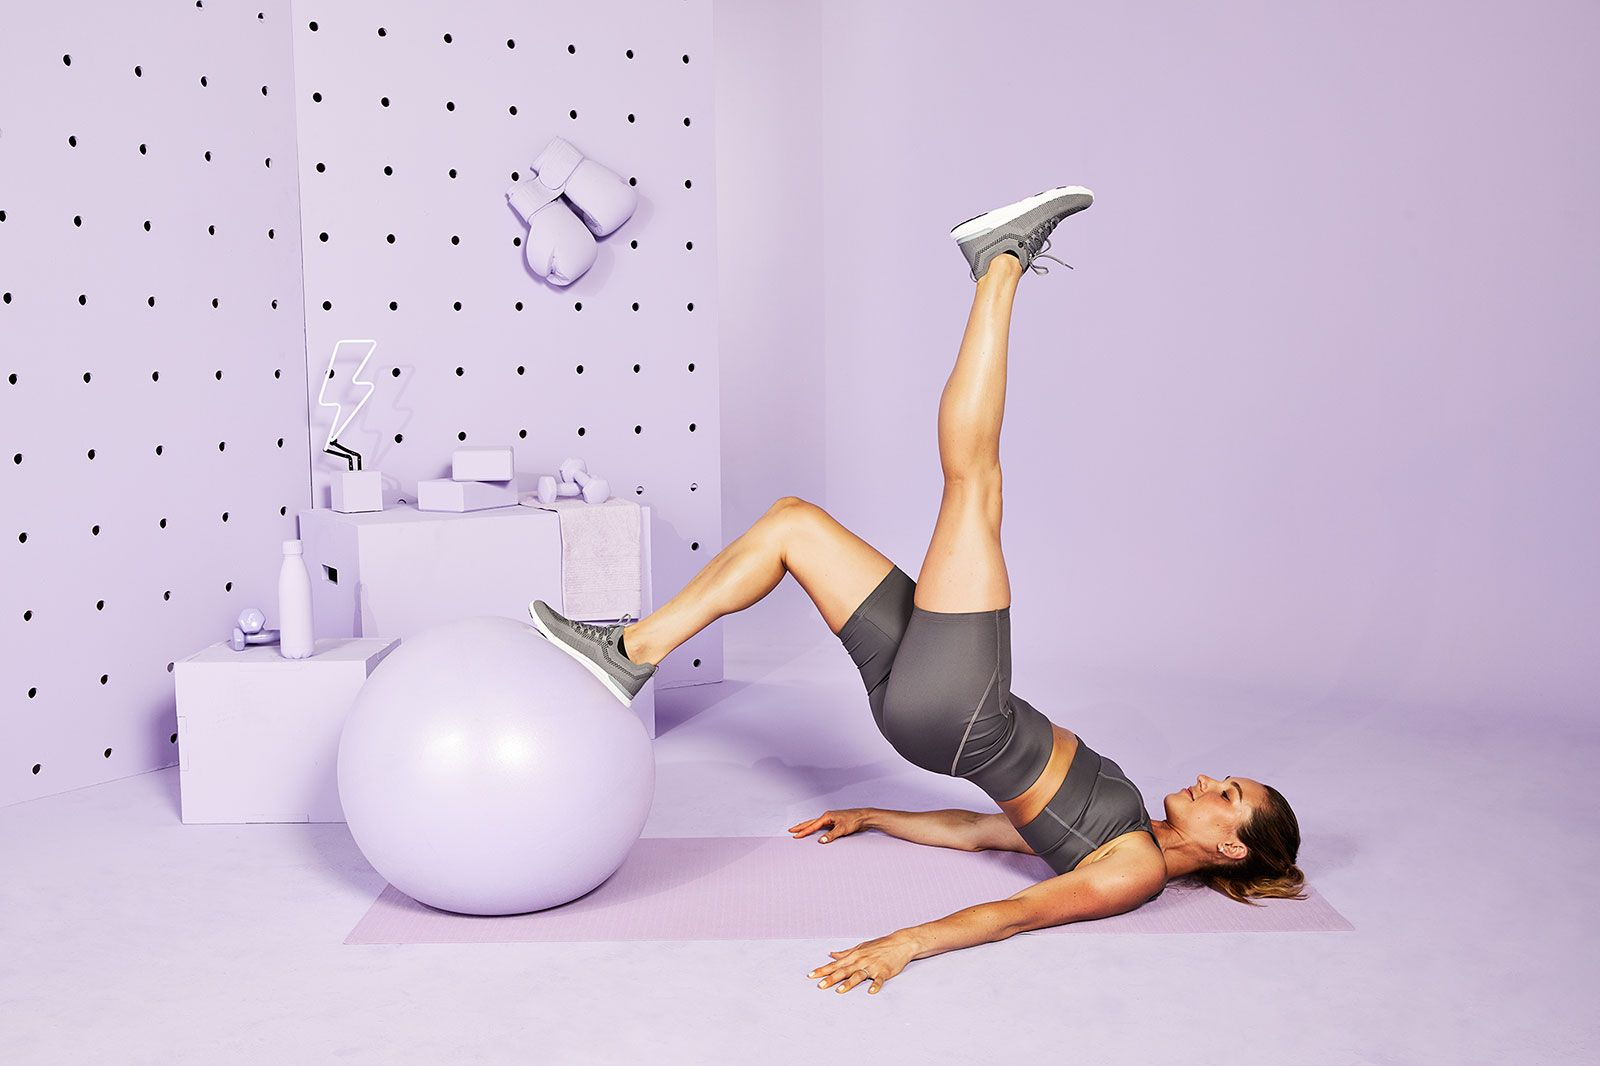 Bigger butt exercises for women